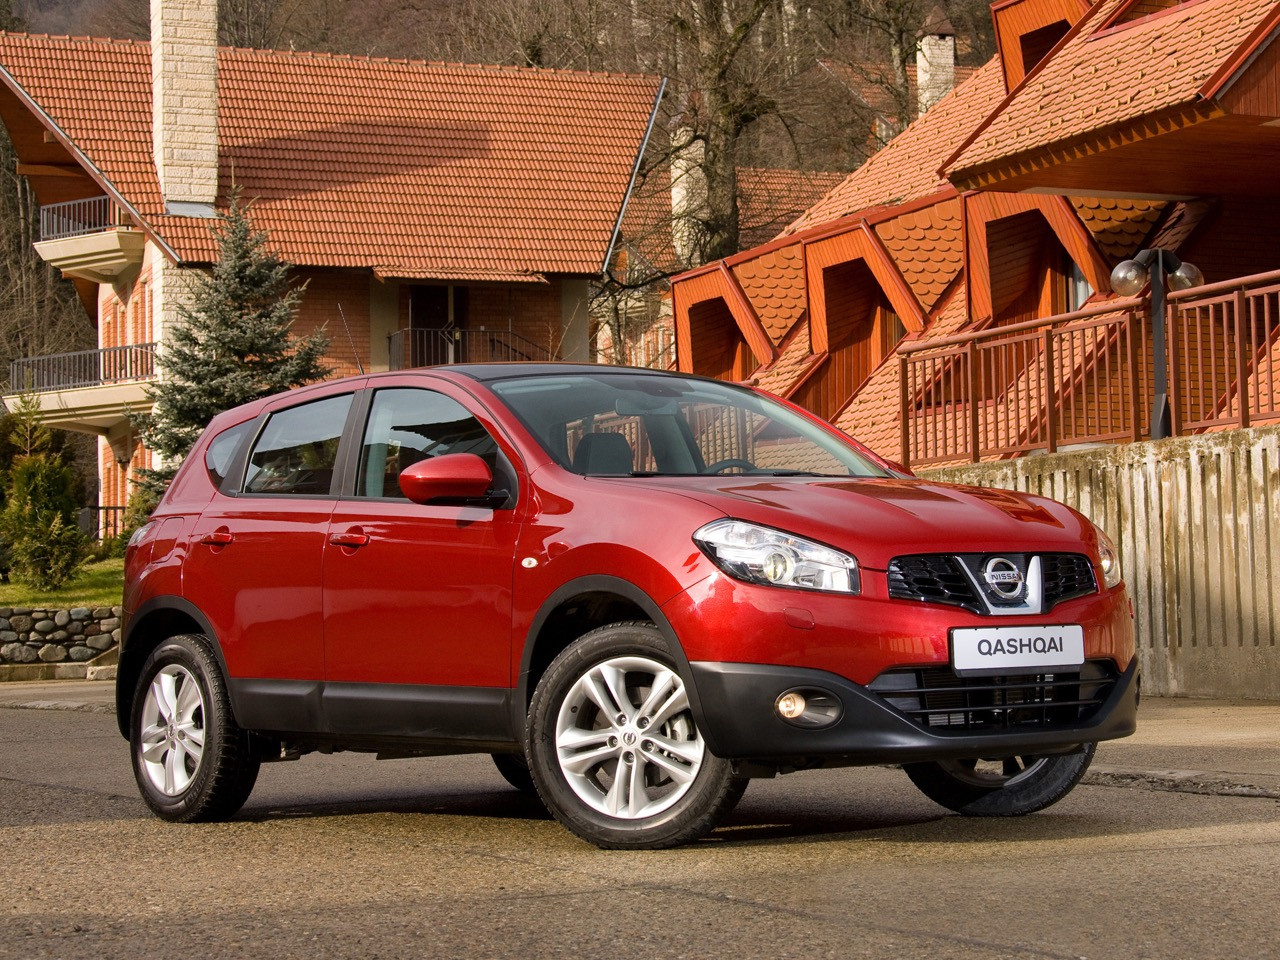 Nissan Qashqai 2010 – 5